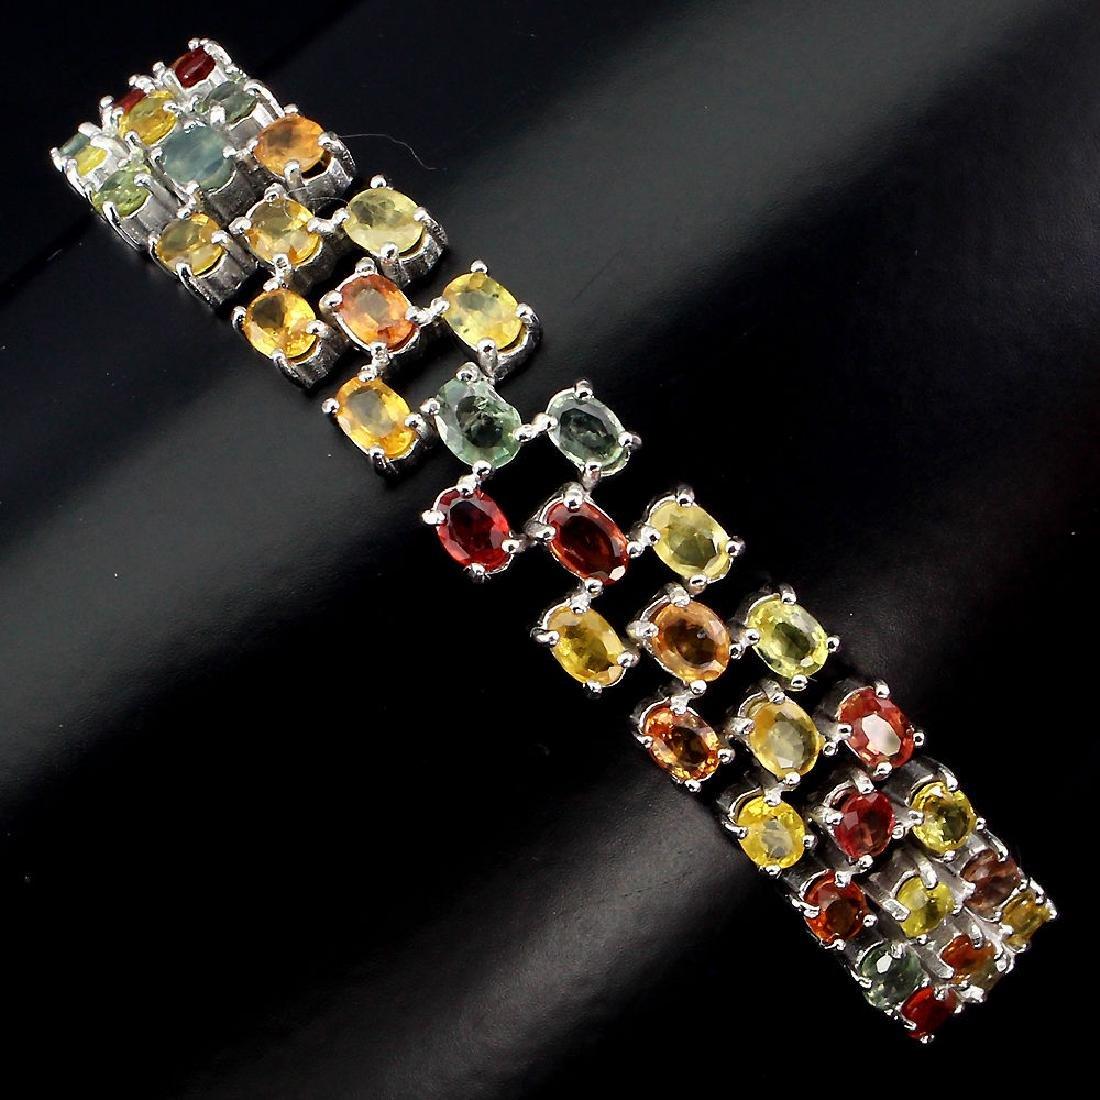 Natural Fancy Sapphire 120 Carats Bracelet